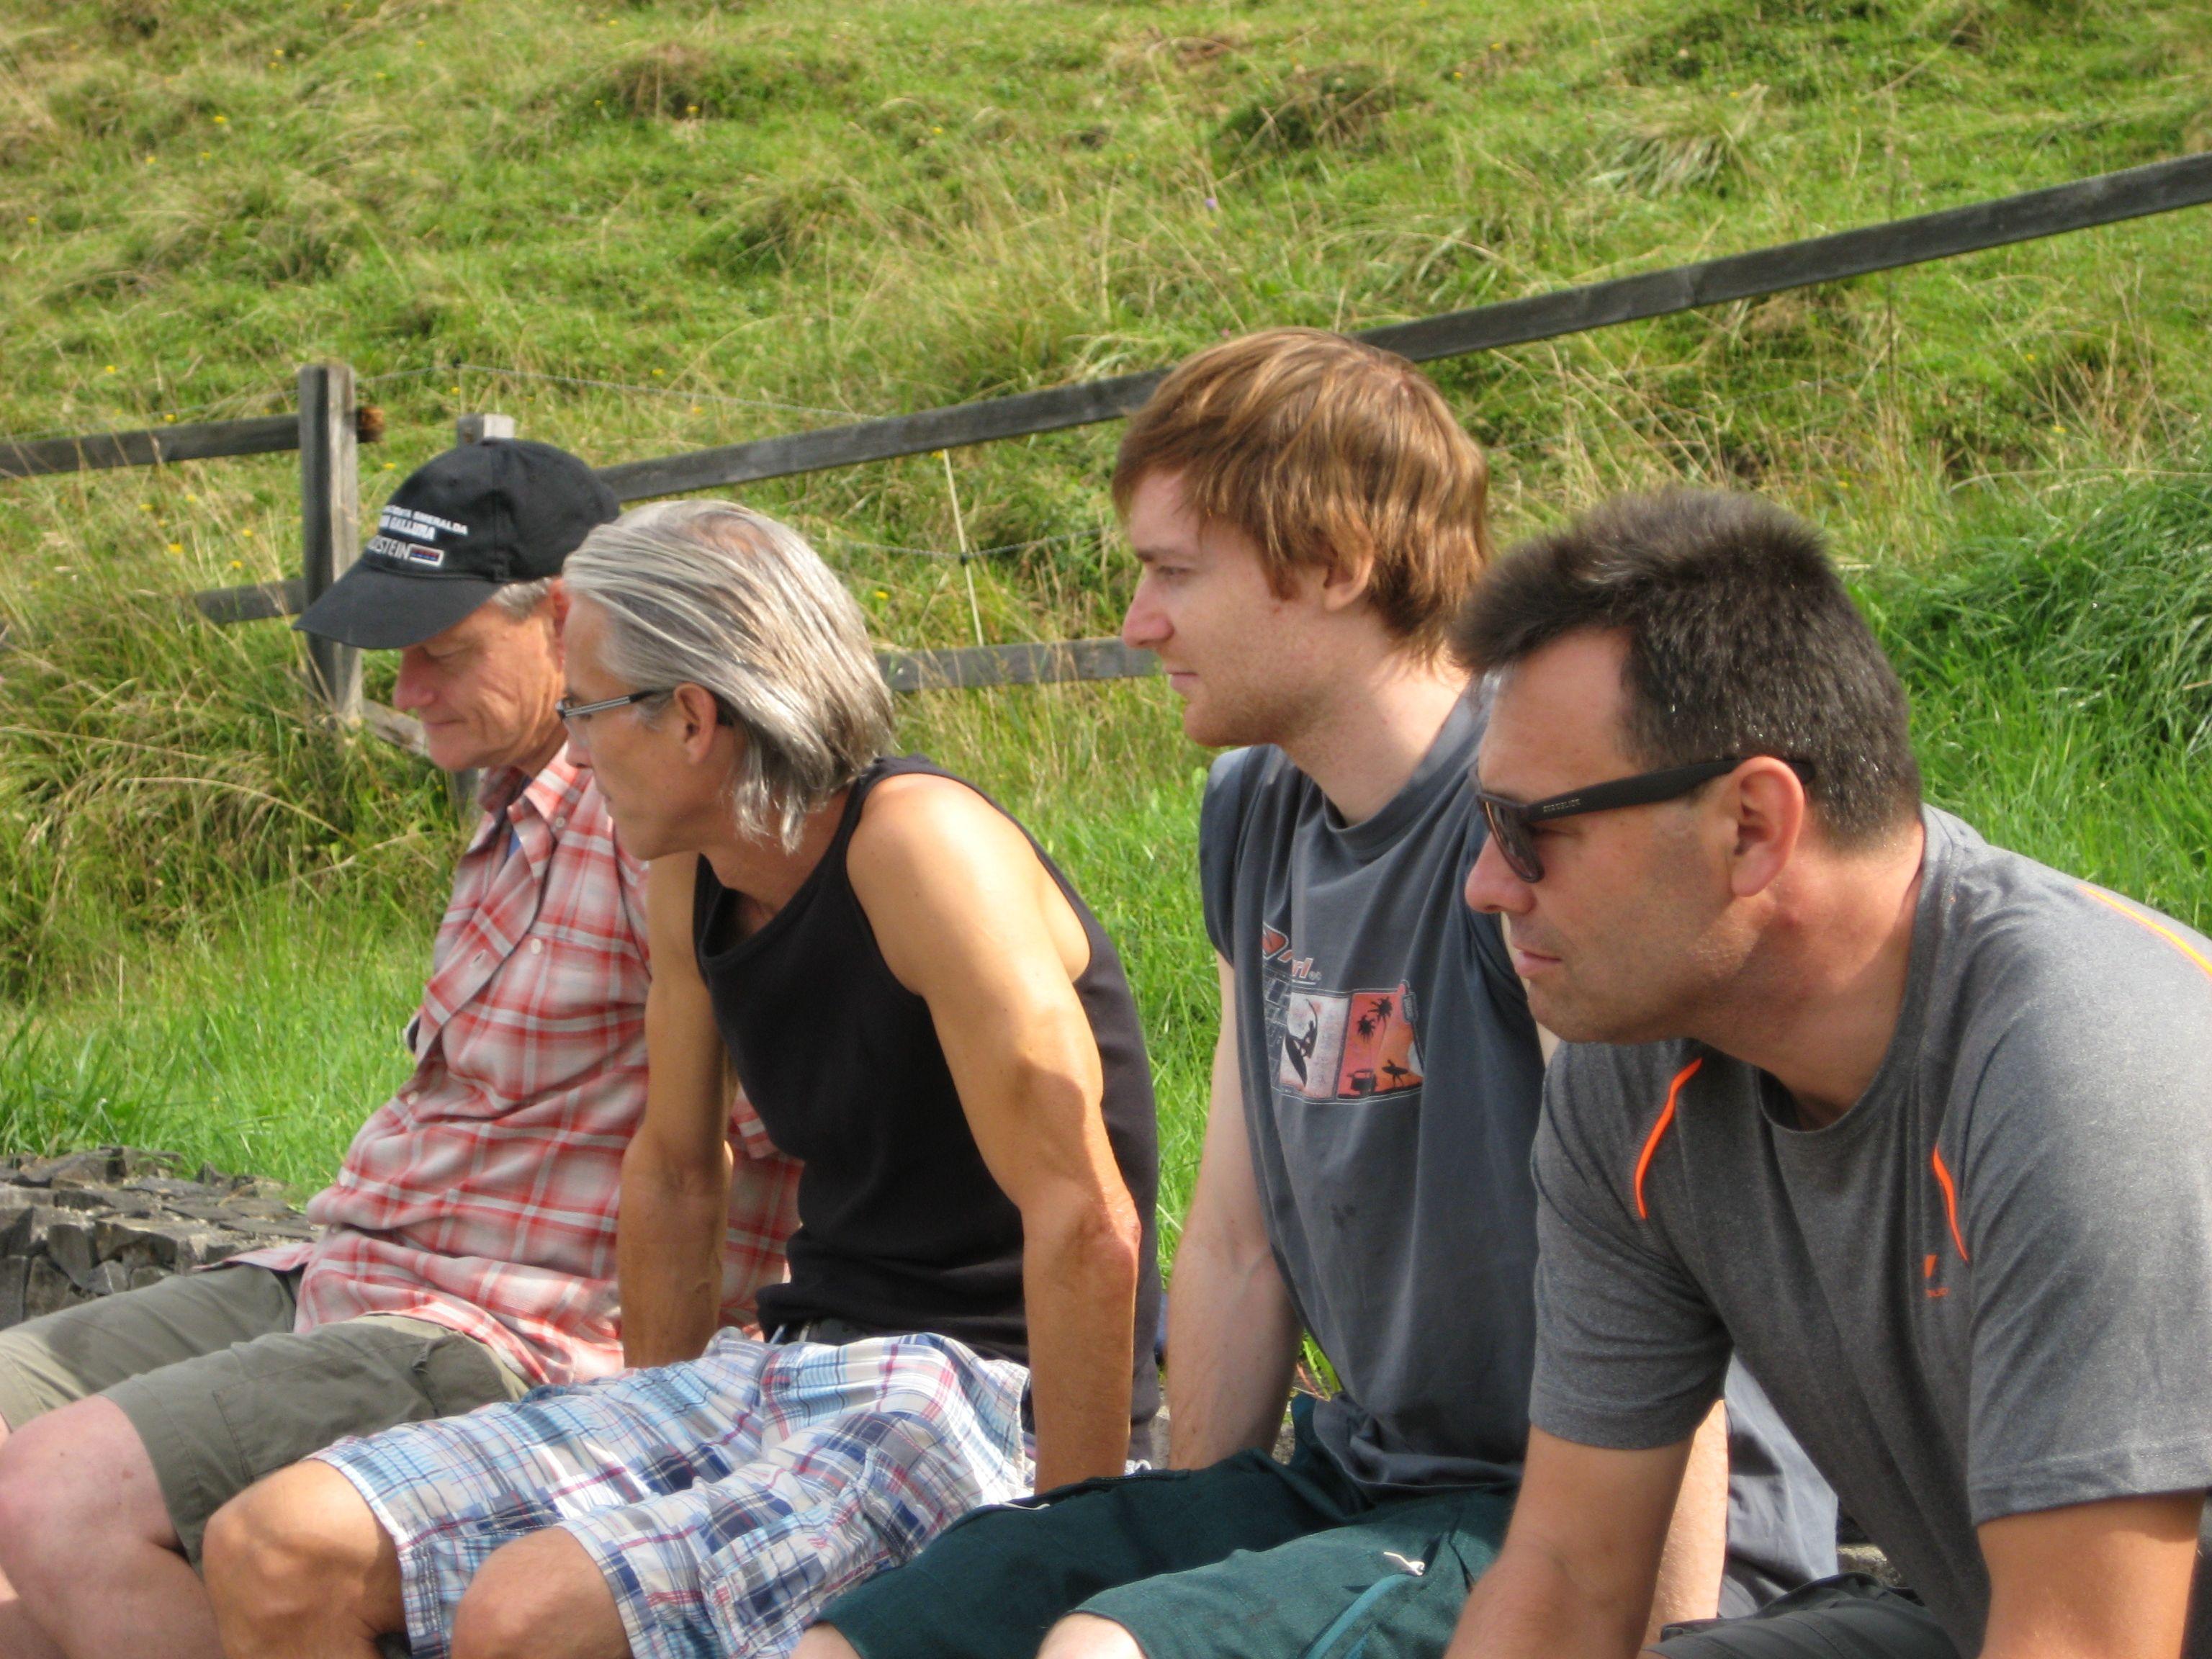 2016-09-04-Entlebuch-037-IMG_0404